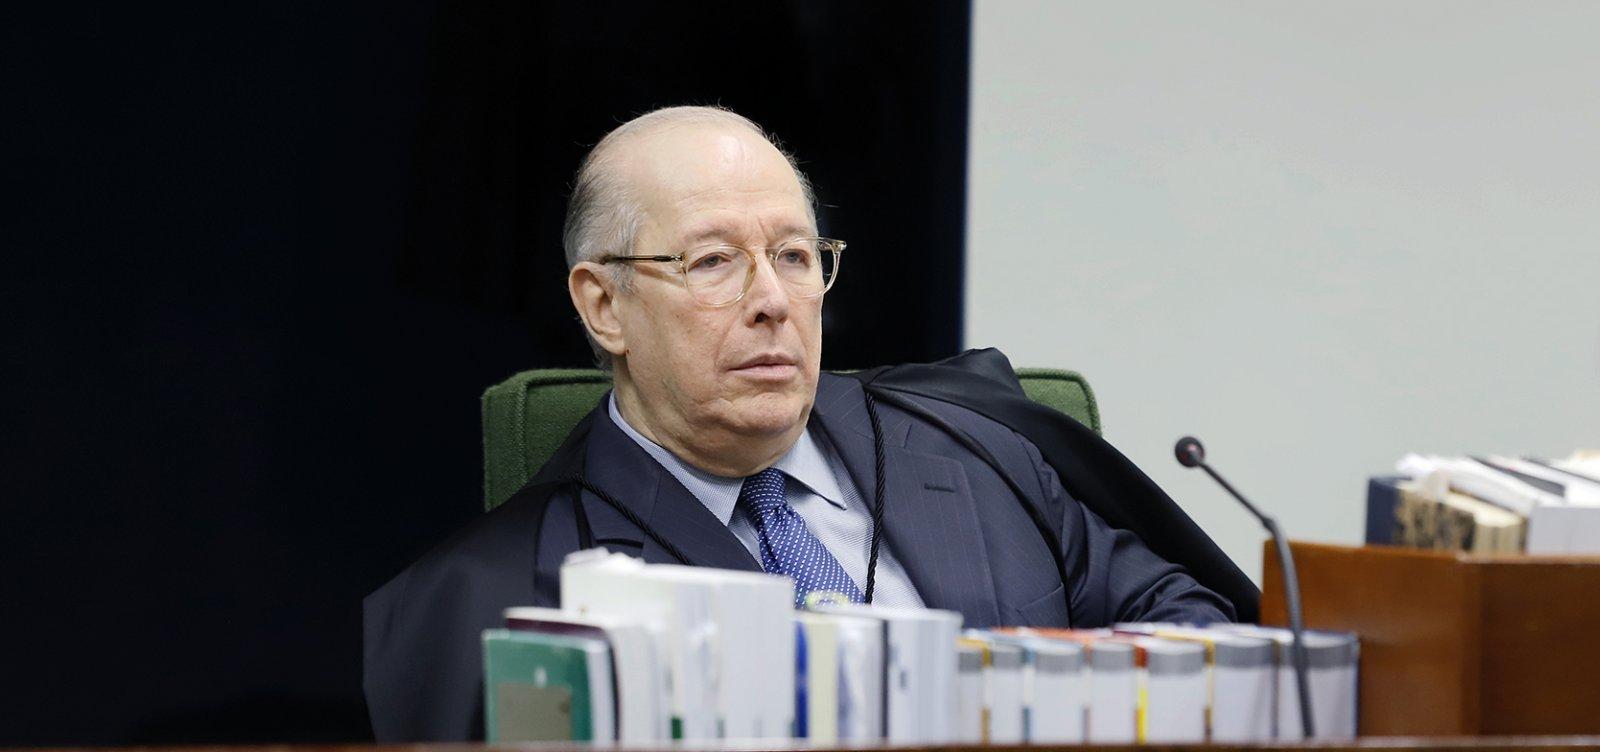 [Celso de Mello autoriza divulgação de vídeo de reunião ministerial de Bolsonaro]